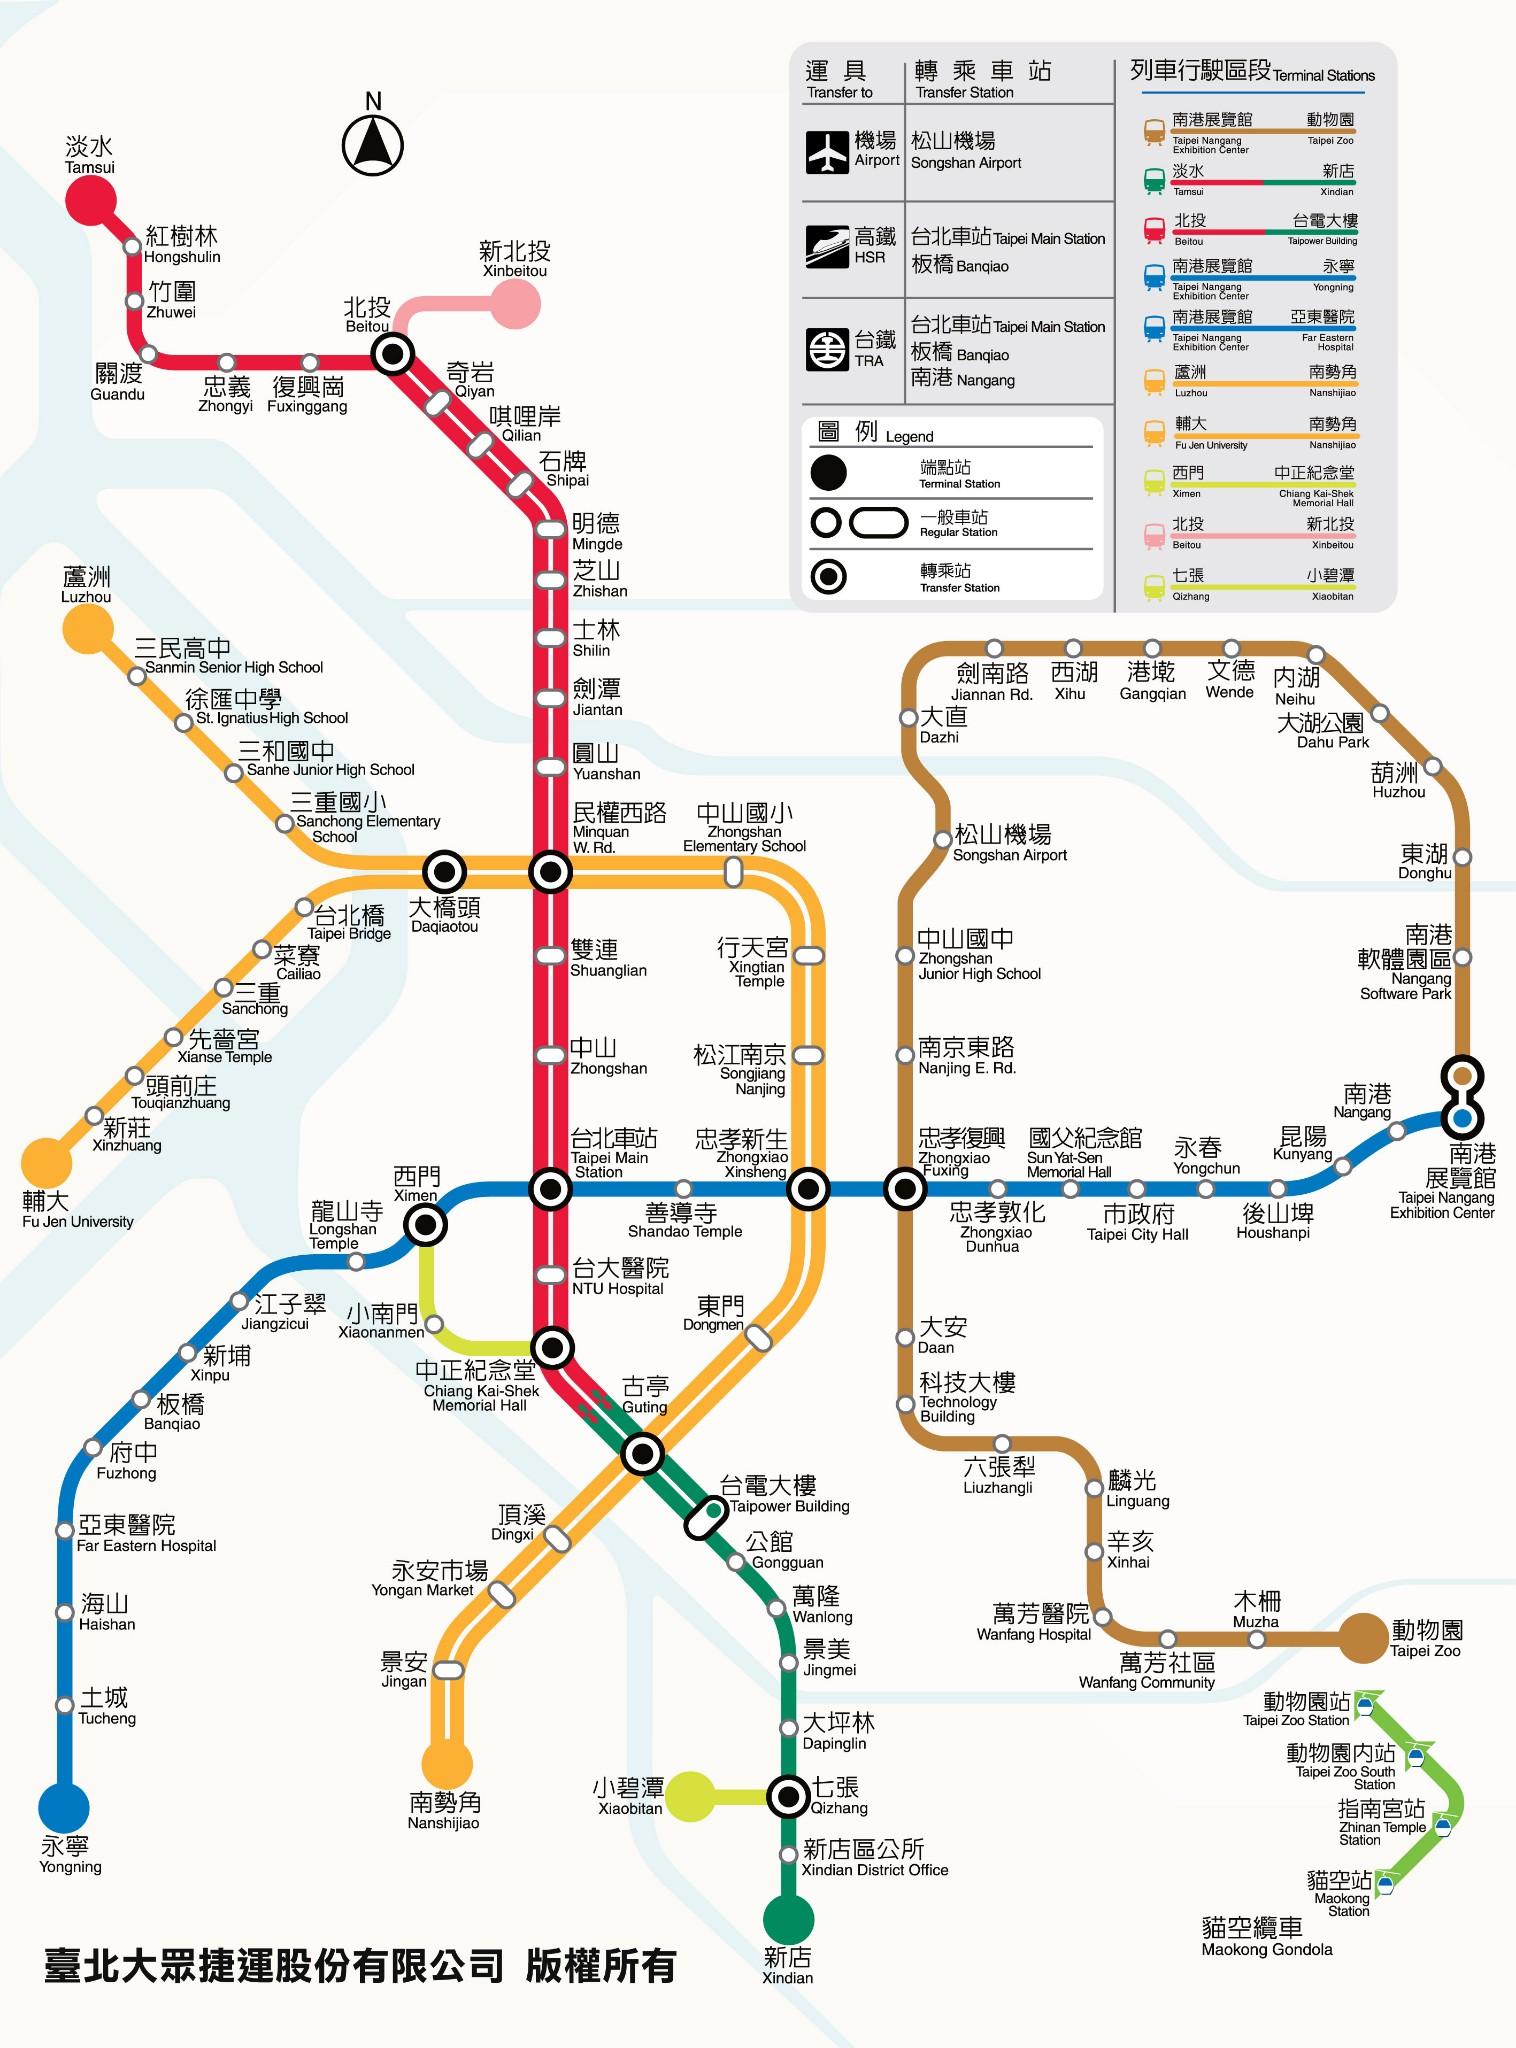 捷運站路線圖 | 中信房屋蘇主任房訊網 | 優質房屋仲介